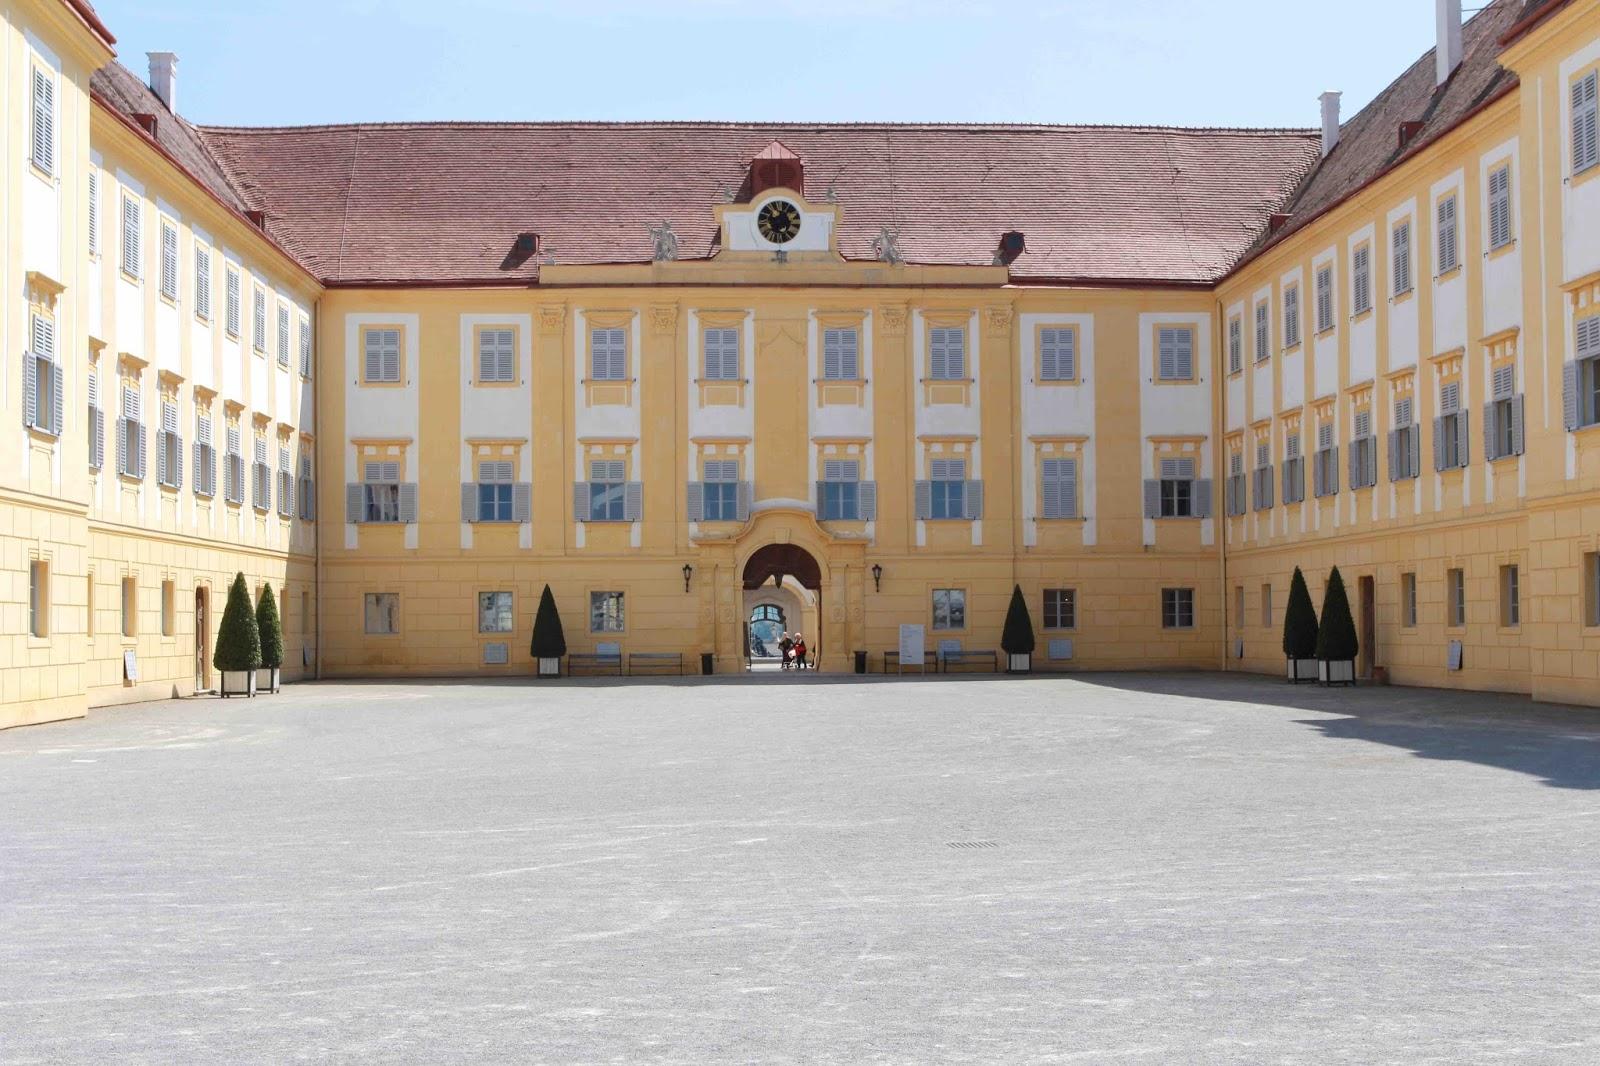 Ausflugstipps in Niederösterreich